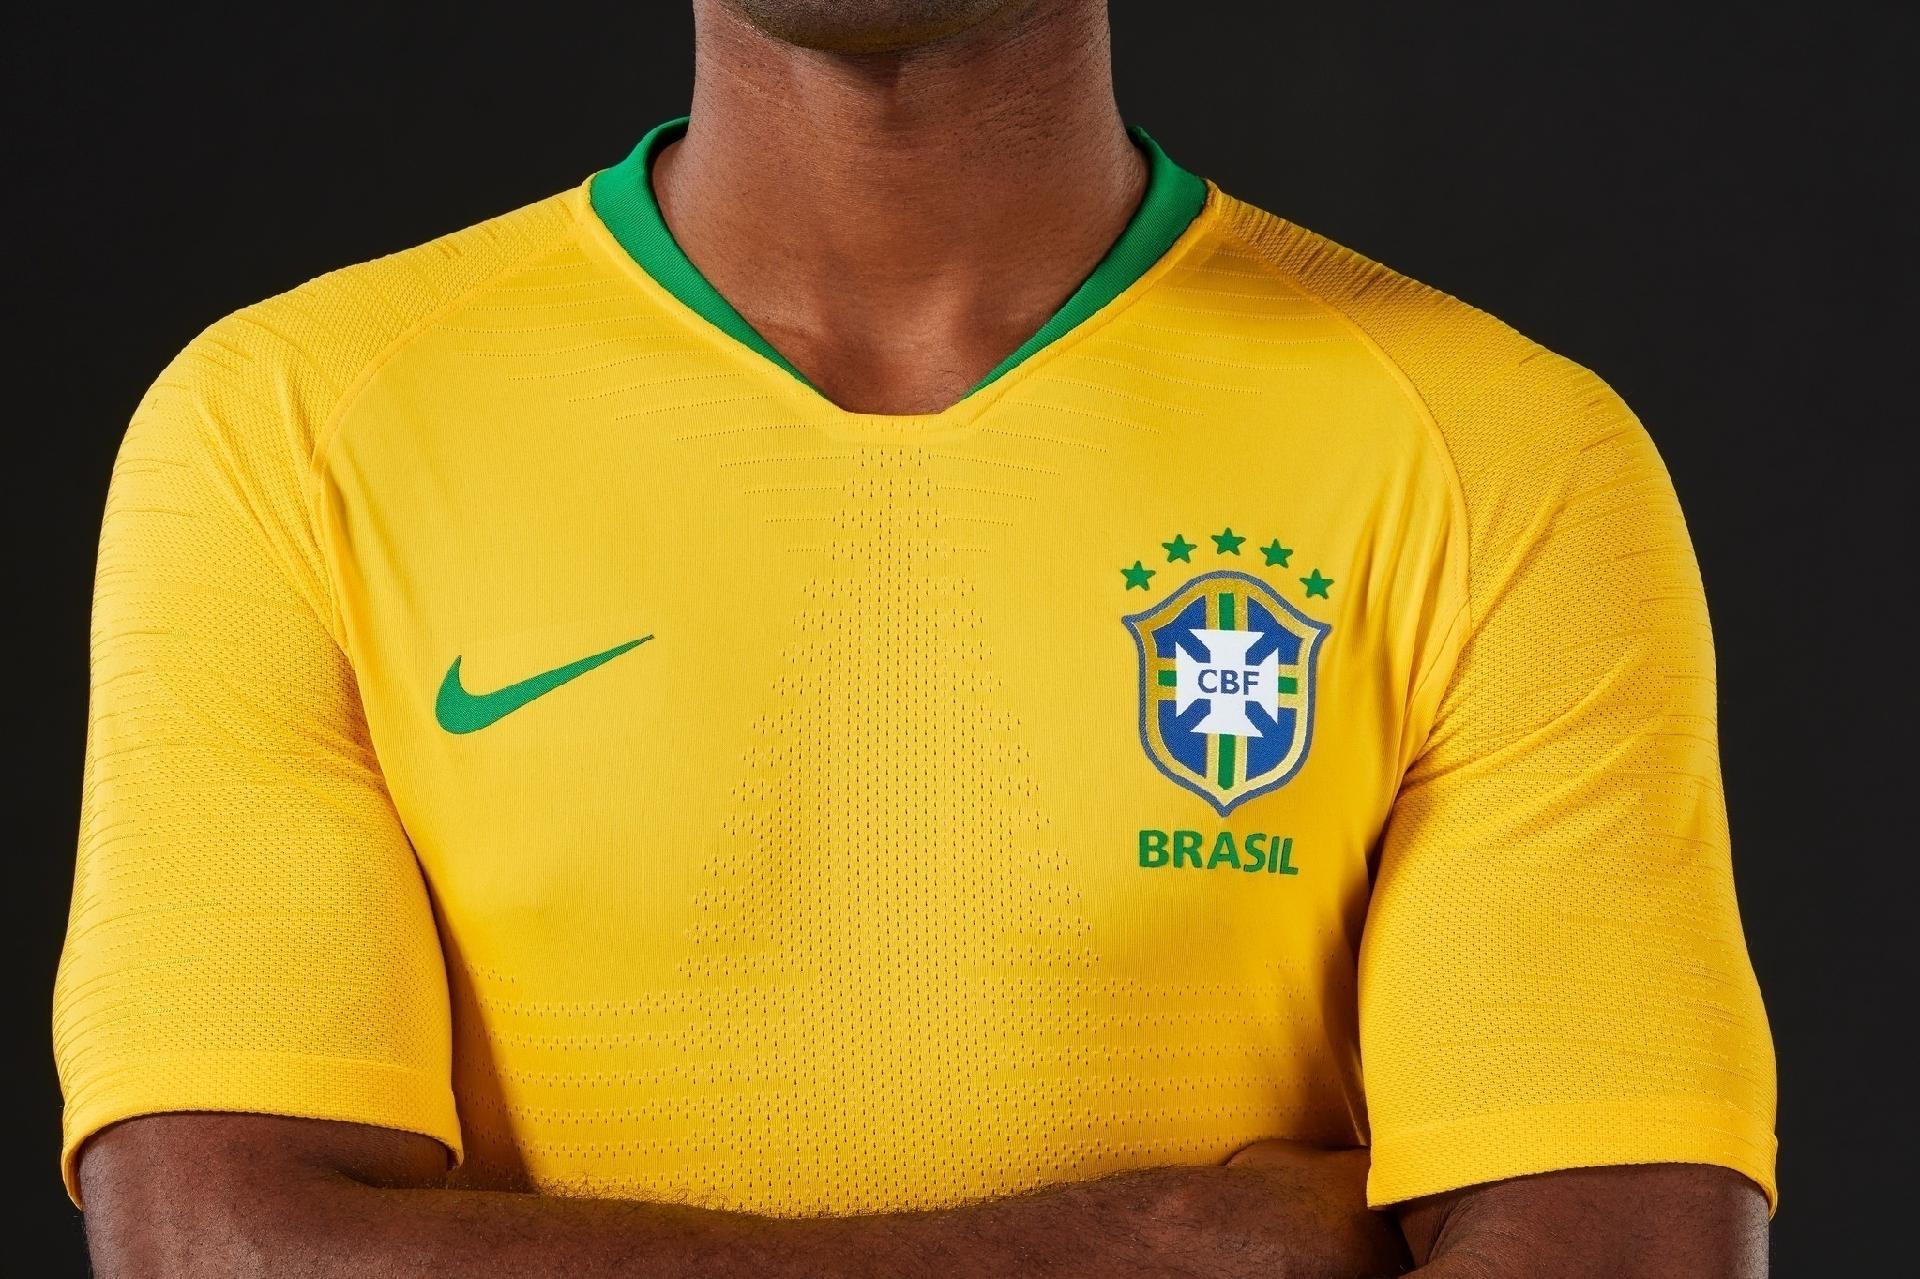 86d0b62500 Nike divulga fotos dos uniformes da seleção para a Copa do Mundo de 2018